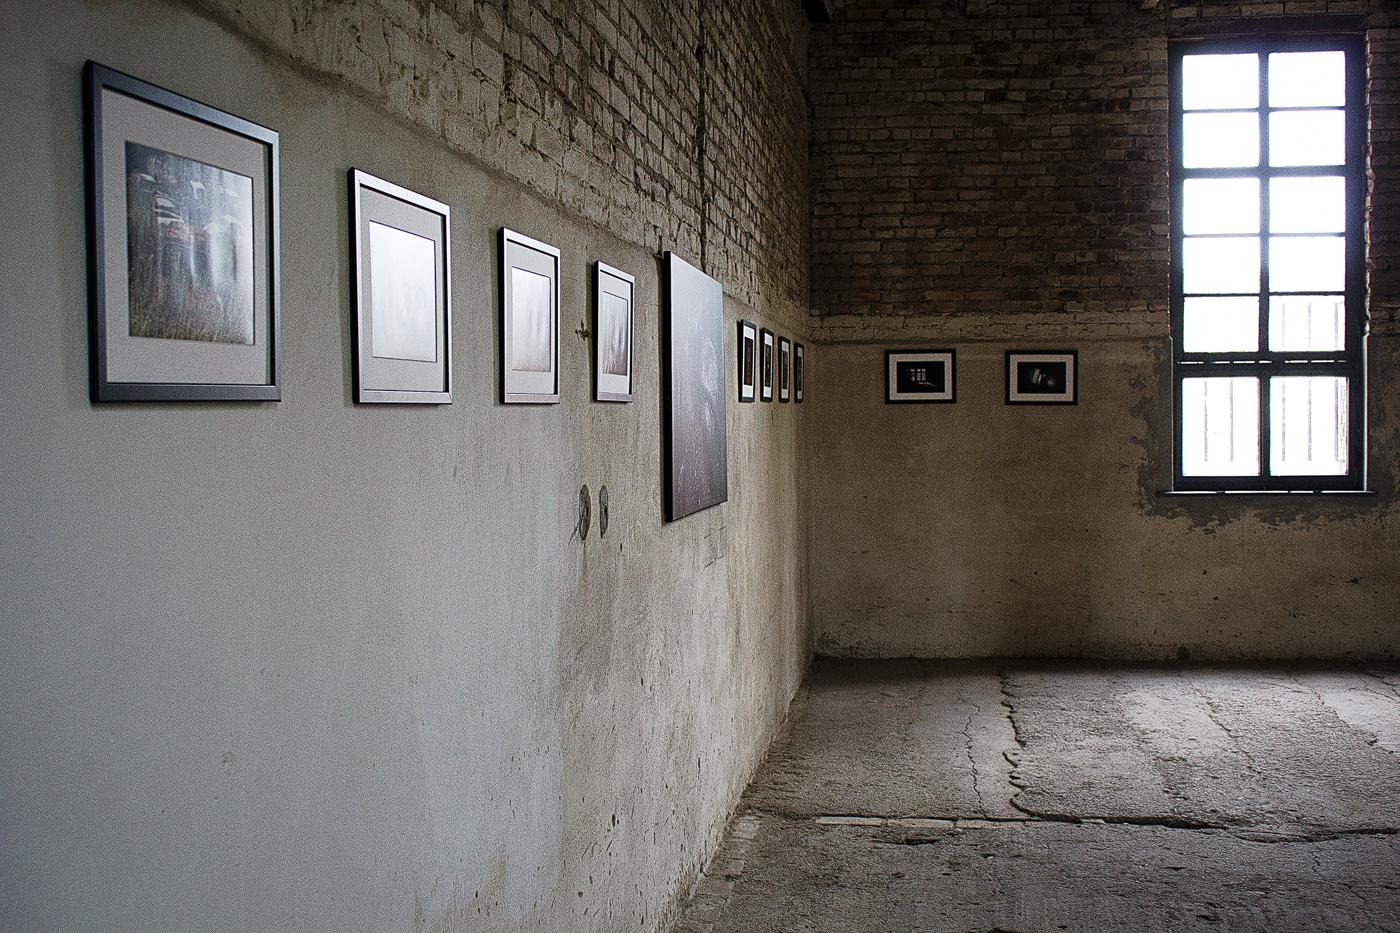 Fotoausstellung im ehemaligen Wehrmachtsgefängnis Anklam